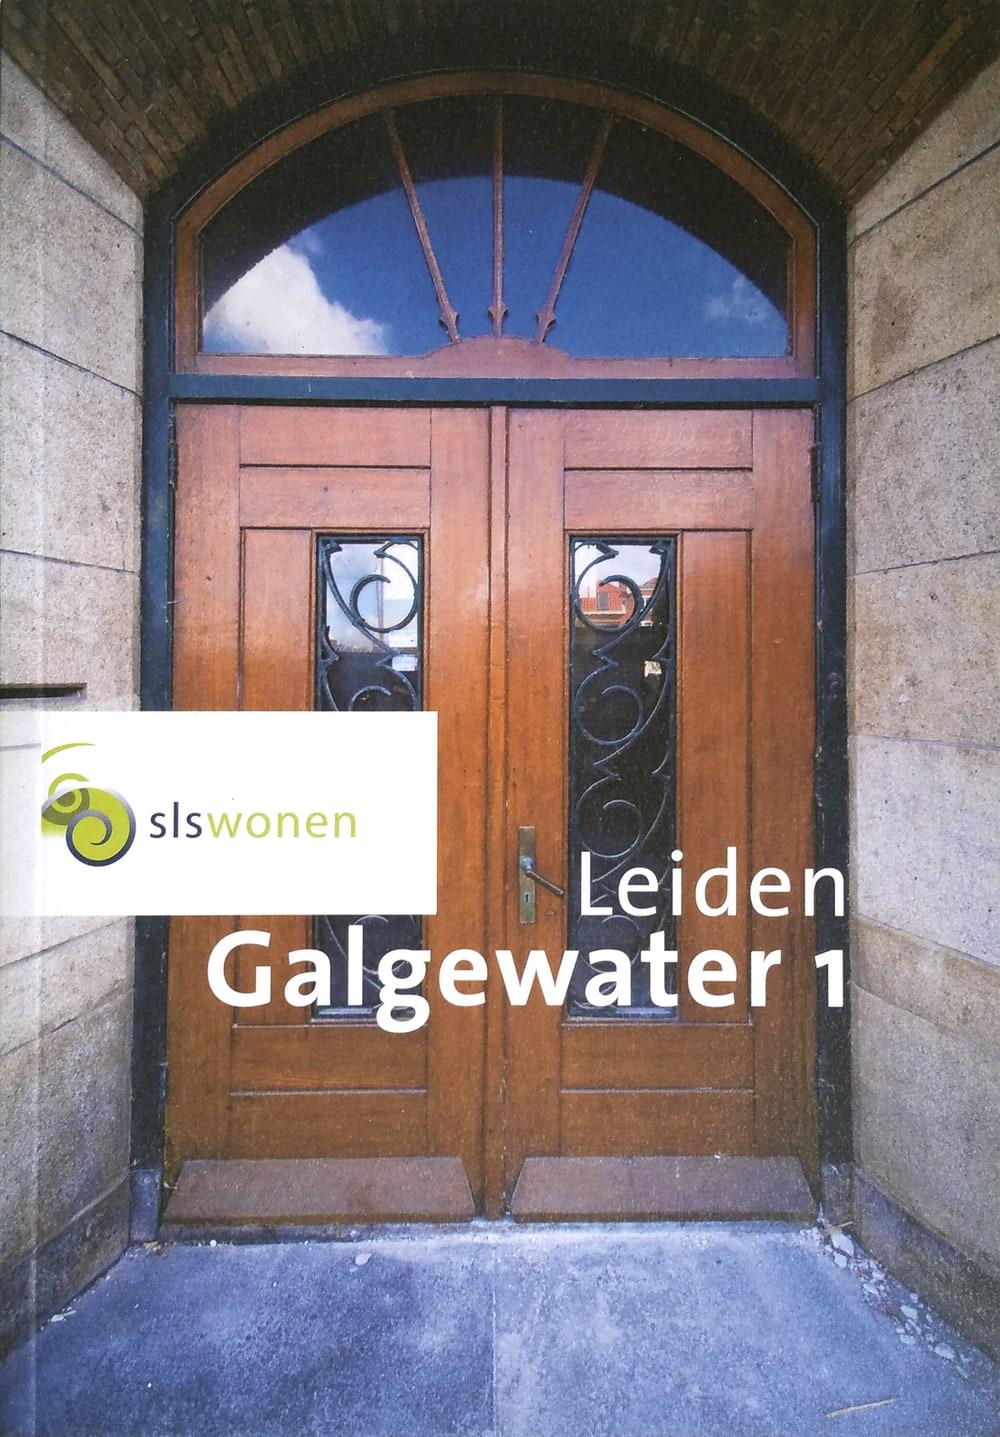 Galgewater 1